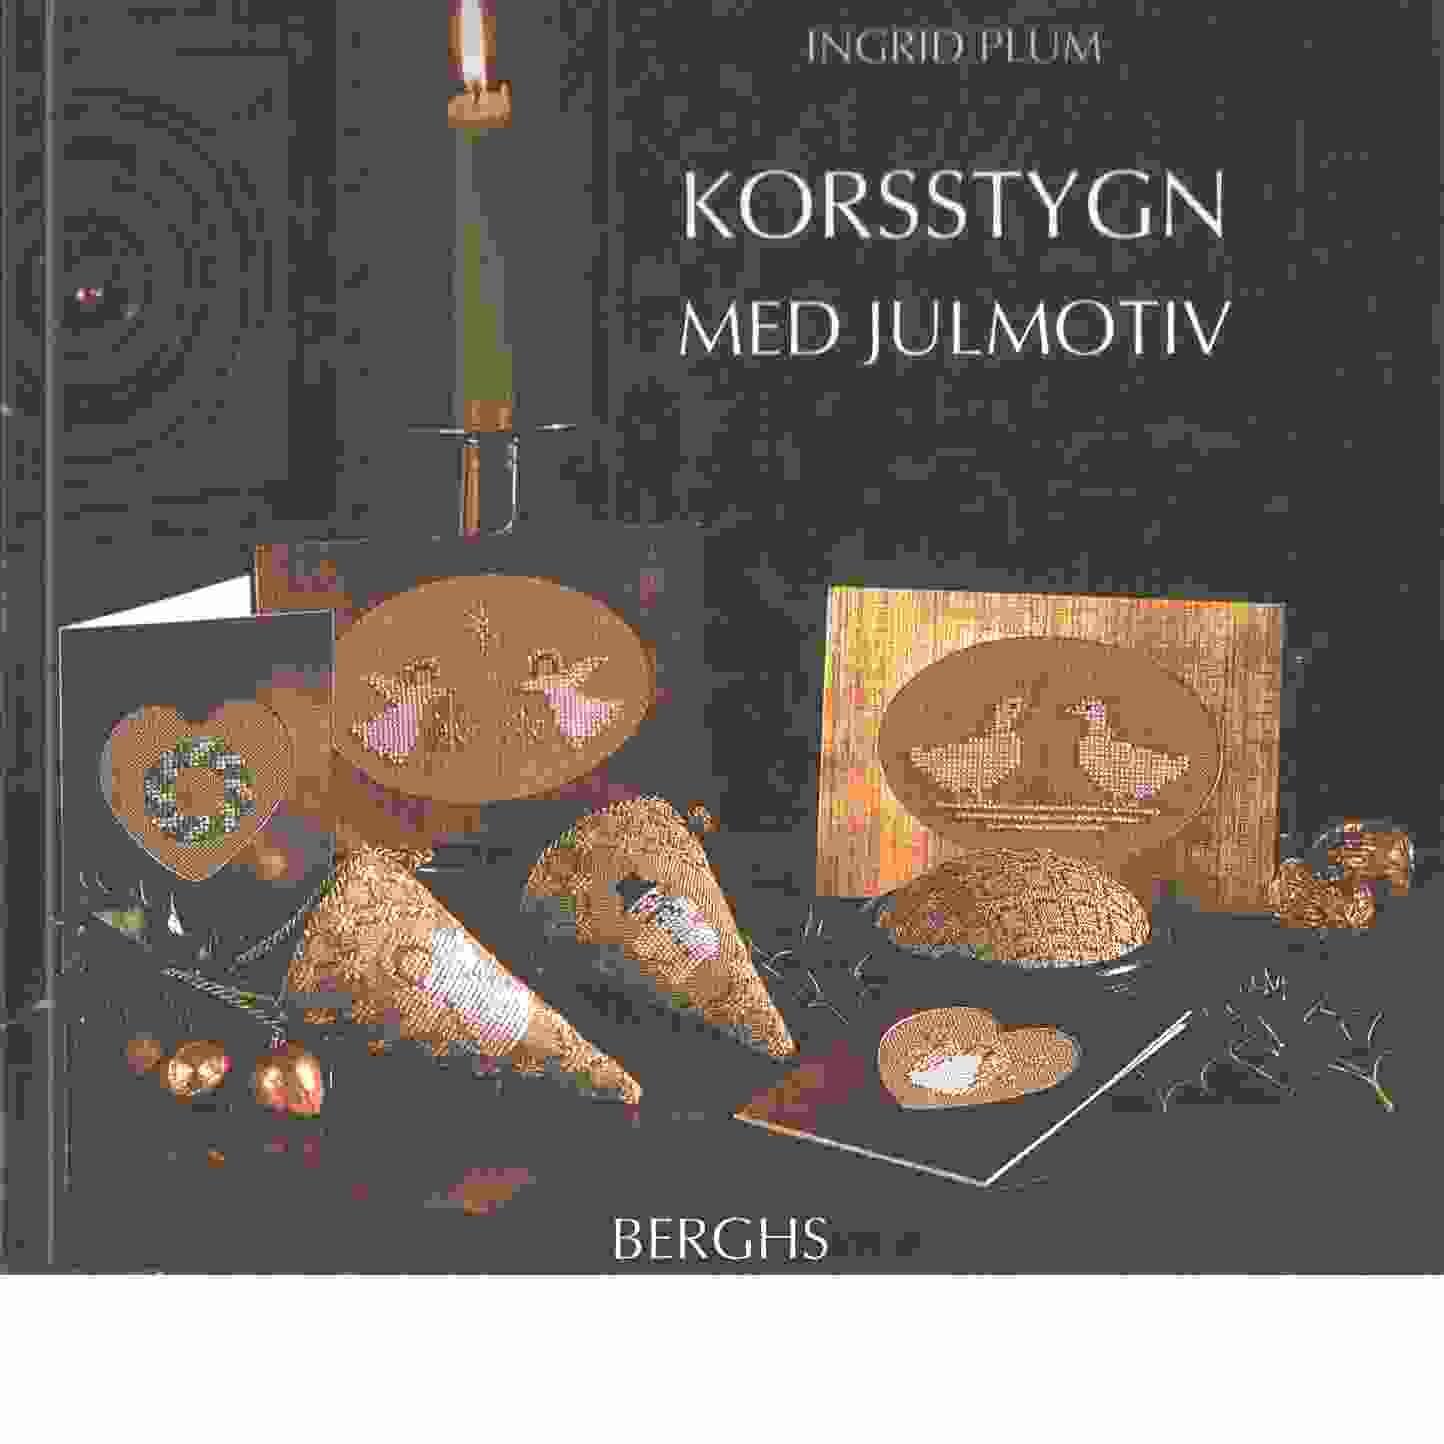 Korsstygn med julmotiv - Plum, Ingrid